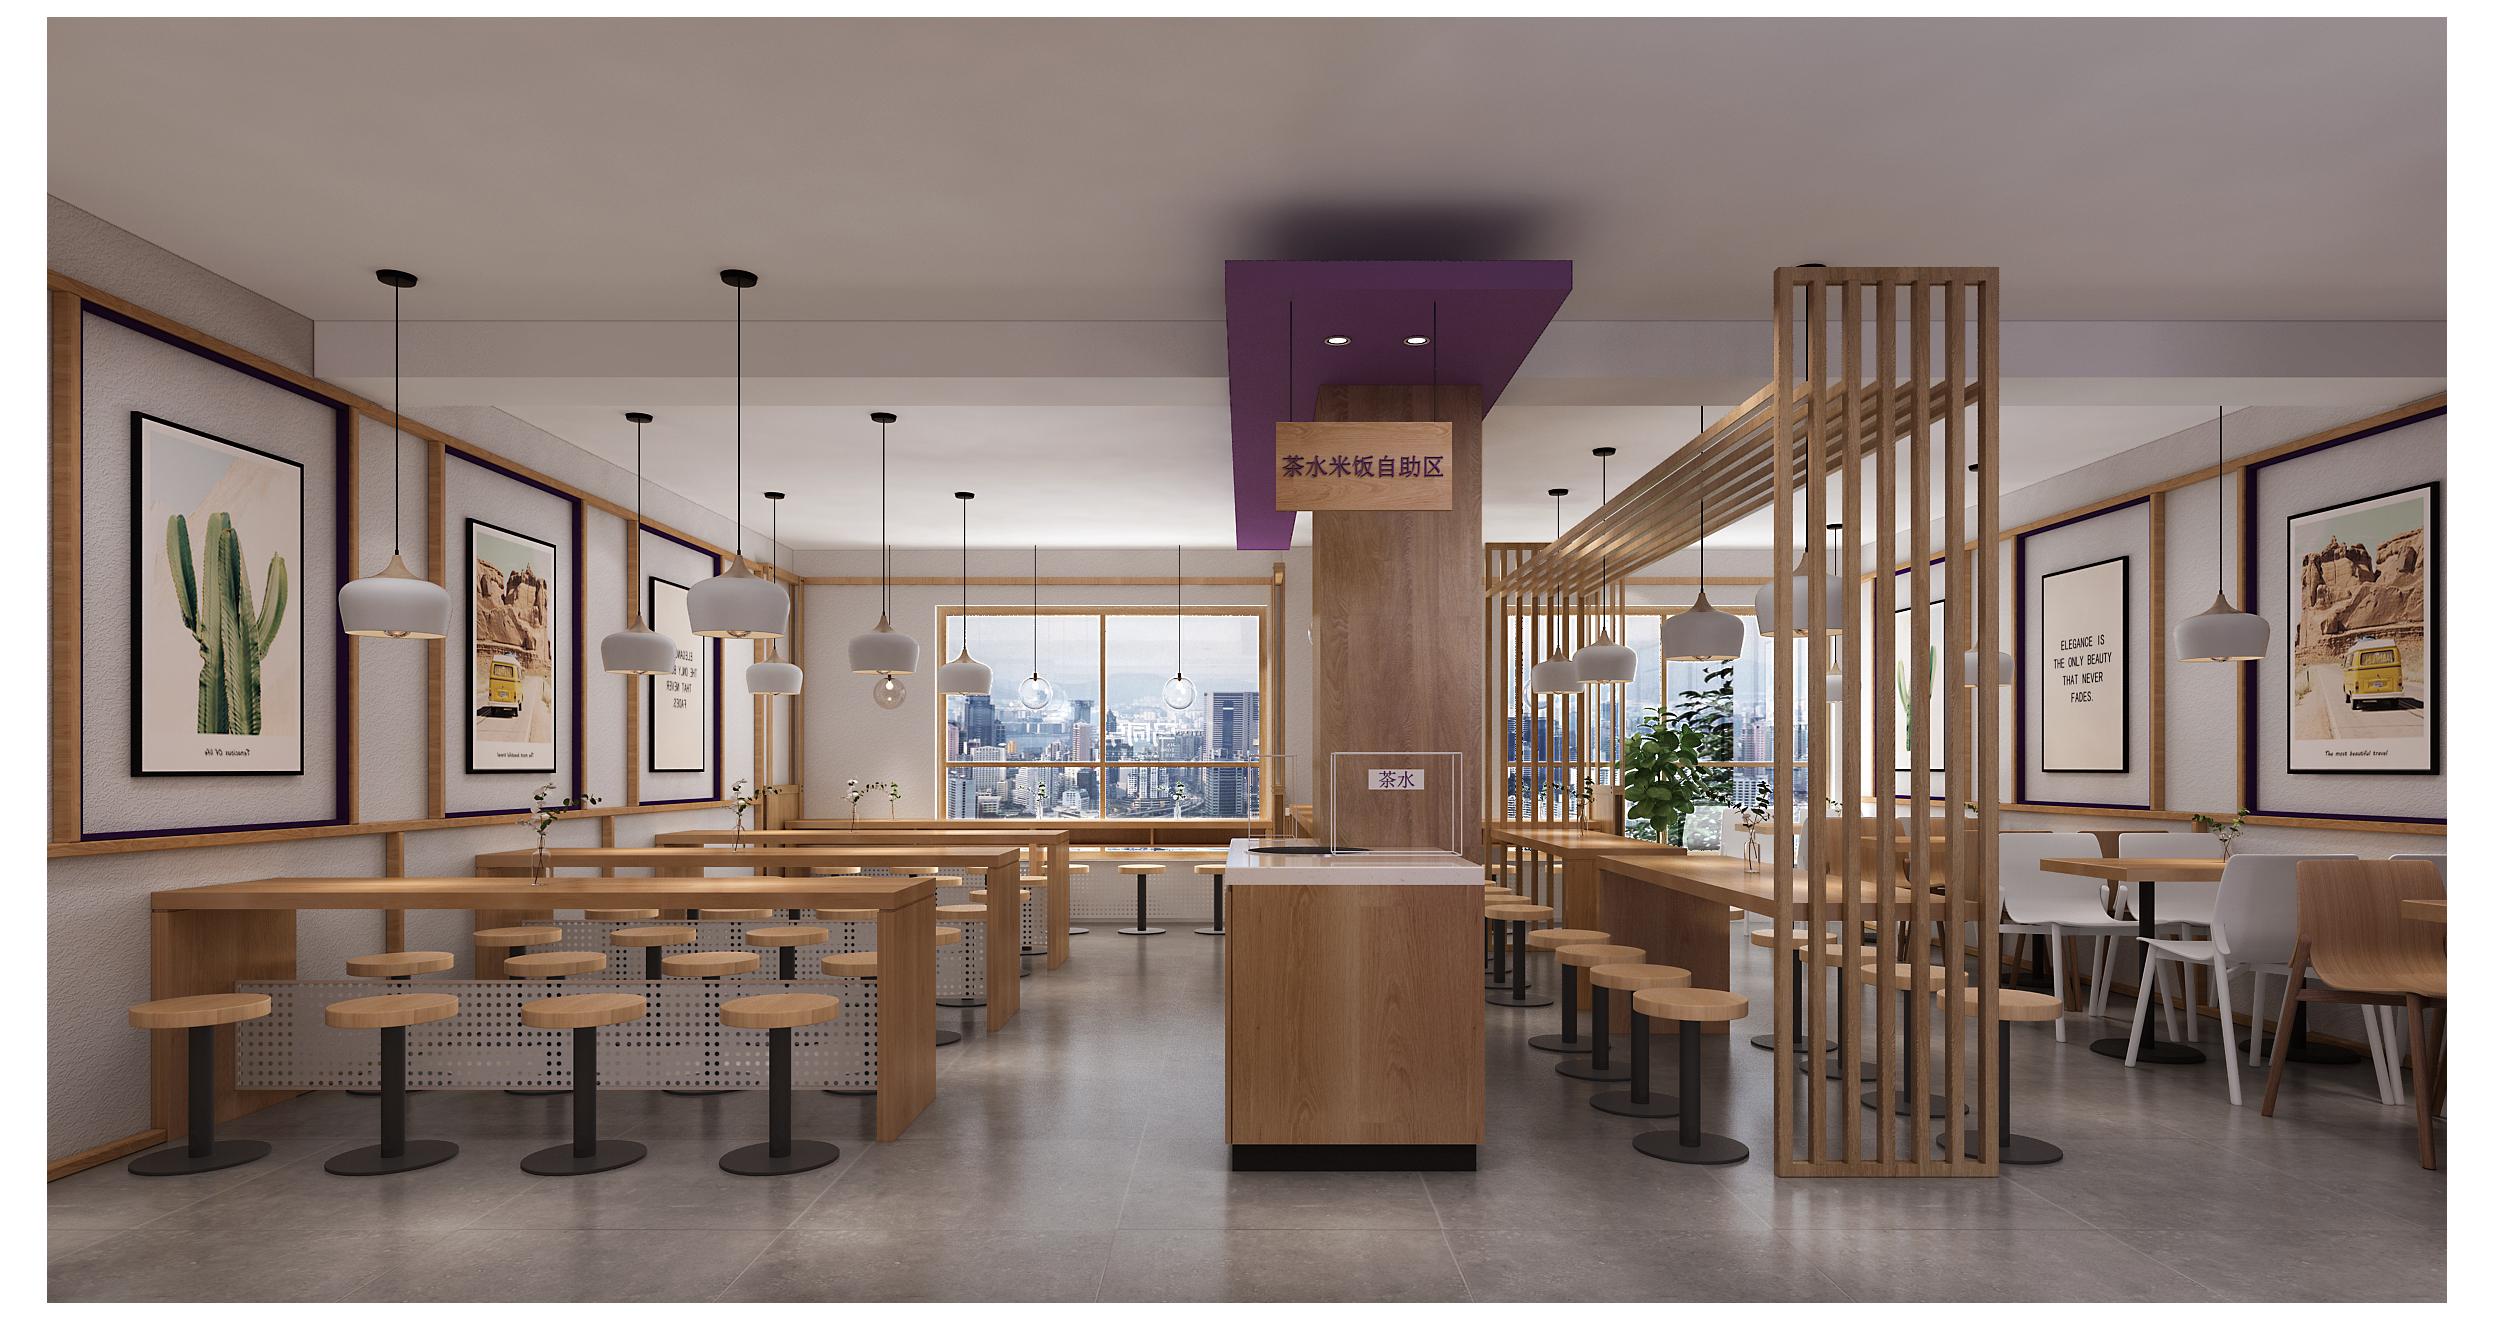 上海马同学快餐店设计